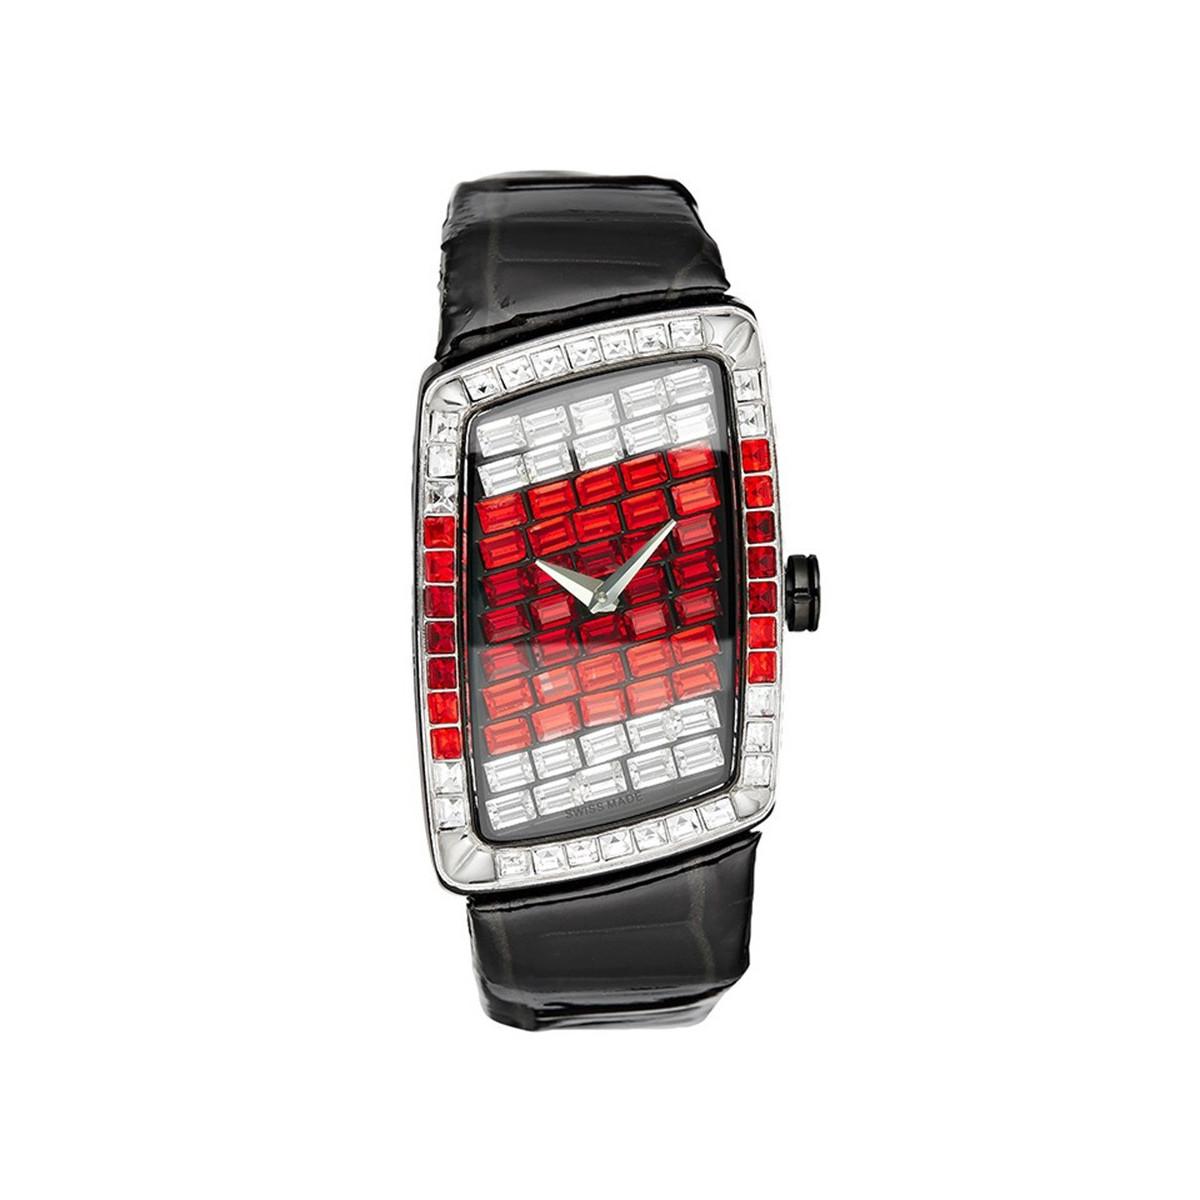 6d6619d479 Smalto - SNML11C1BC8 - Montre Femme FANTASIA - Boîtier rectangulaire en  métal argenté - Cadran rouge - Bracelet en cuir noir